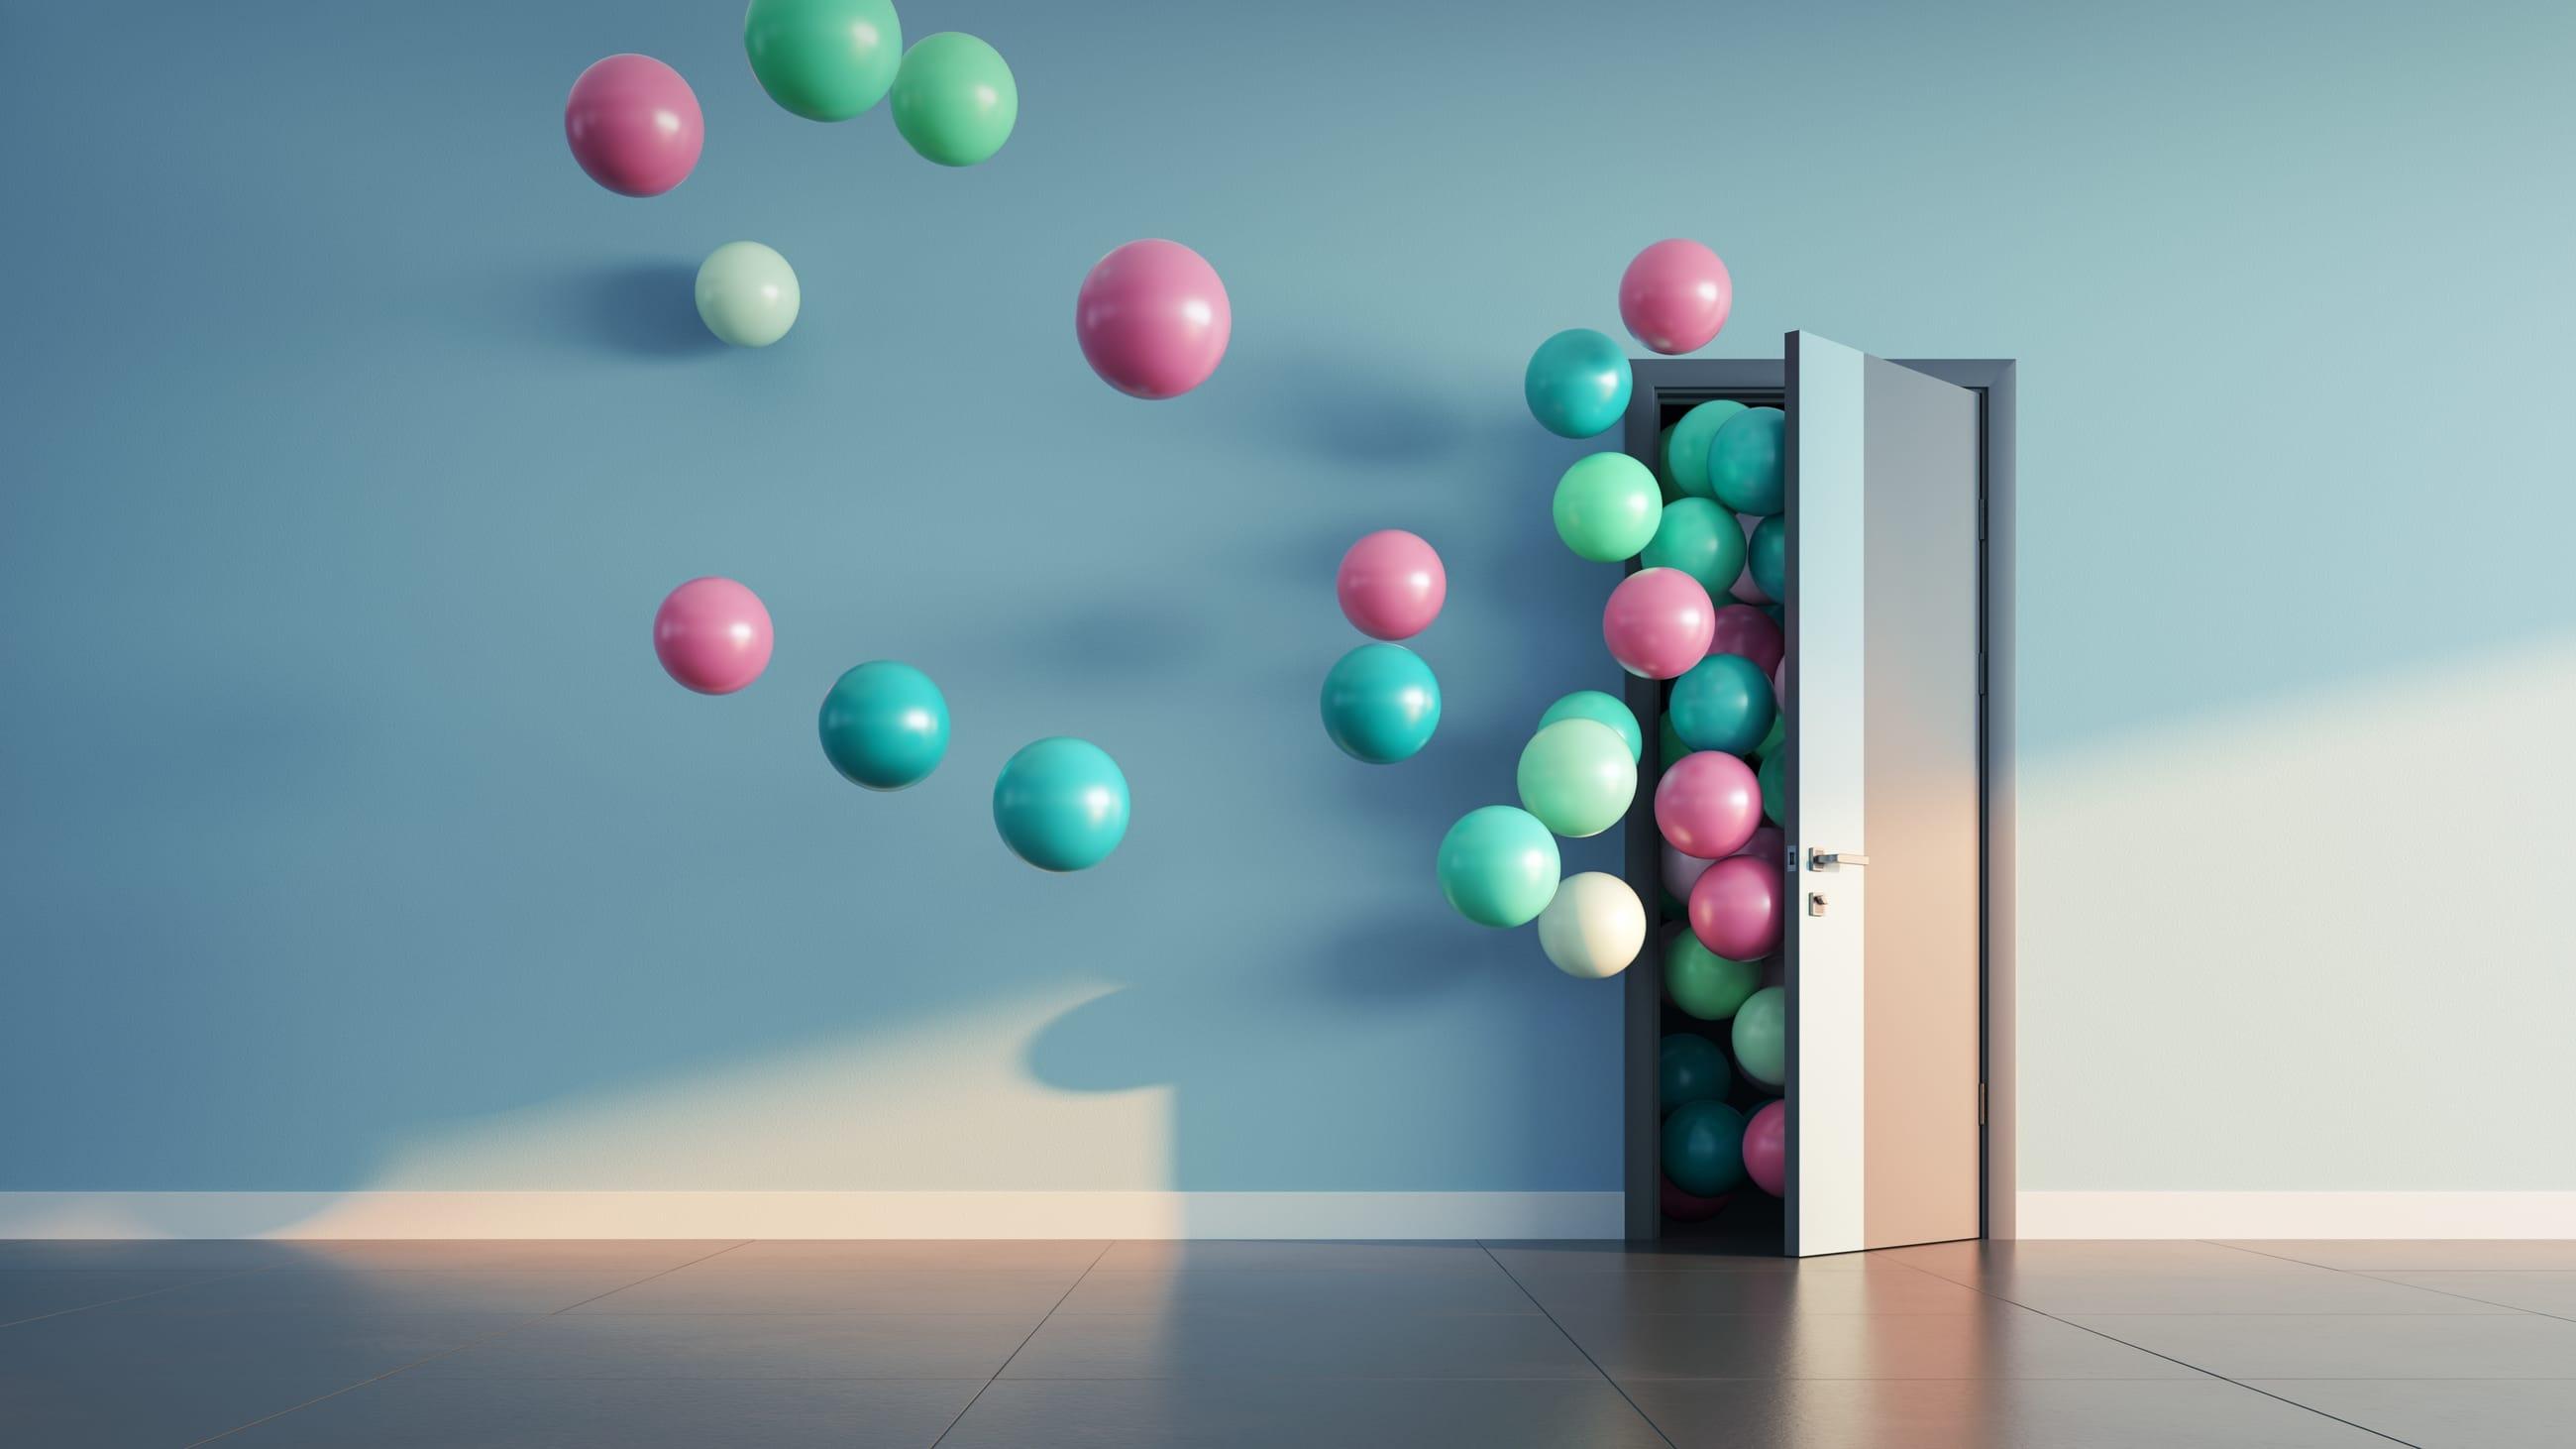 ergonode-balloons